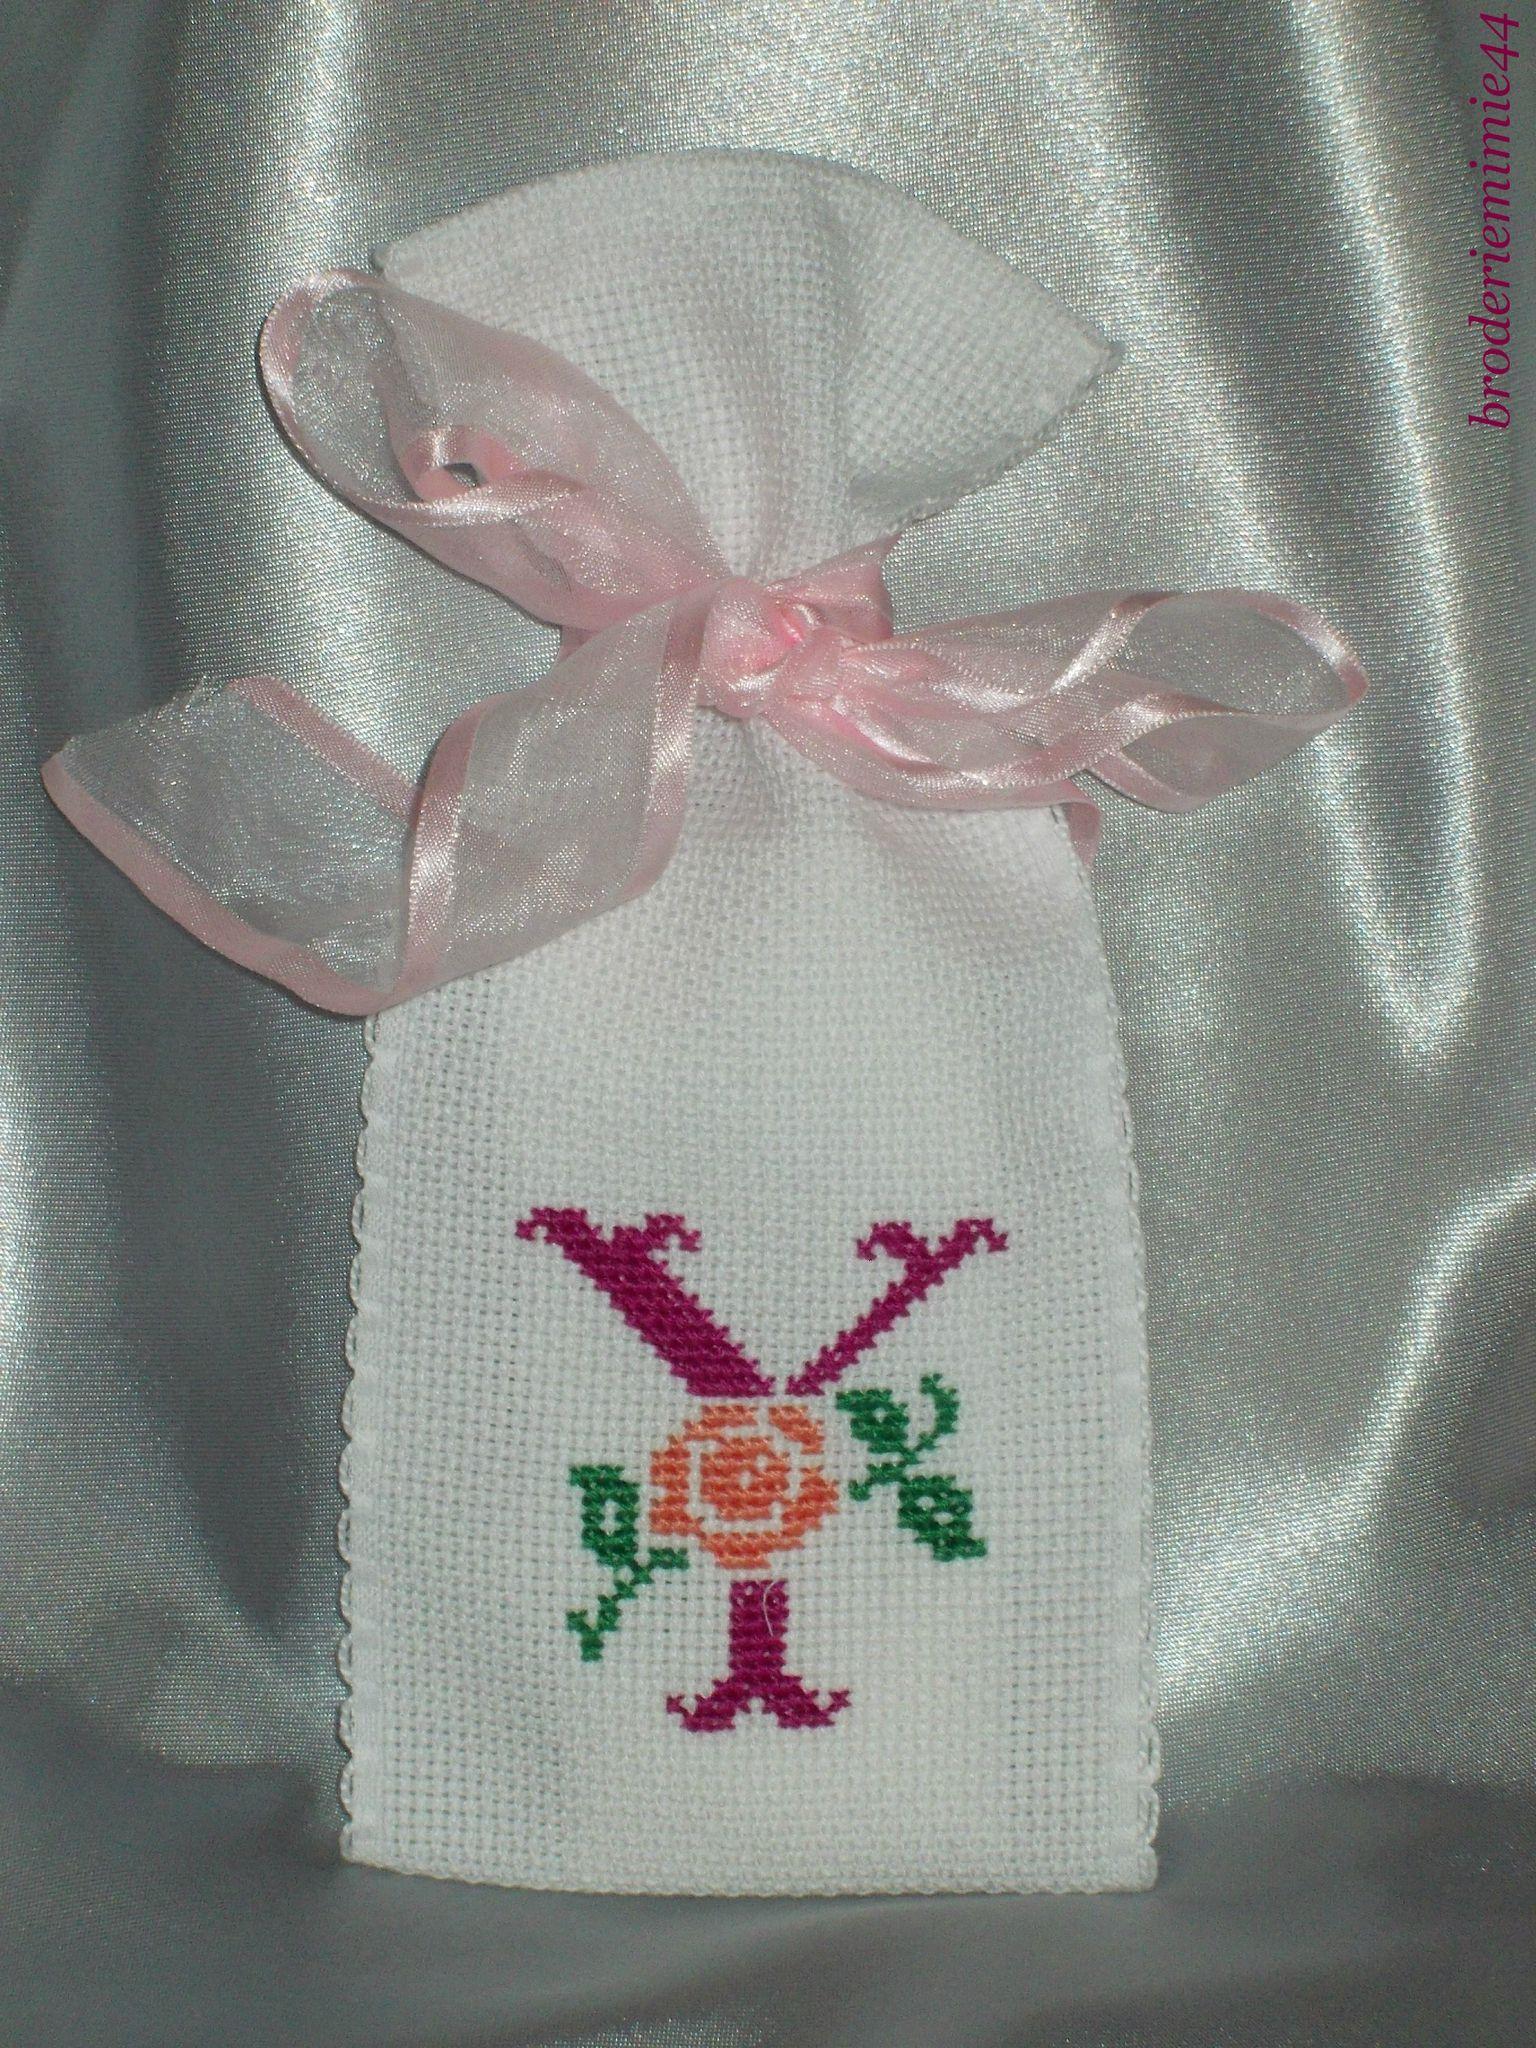 Sachet Initiale - Y Fuchsia - Lavande. Brodé mains.  point de croix - cross stitch. mon Blog : http://broderiemimie44.canalblog.com/